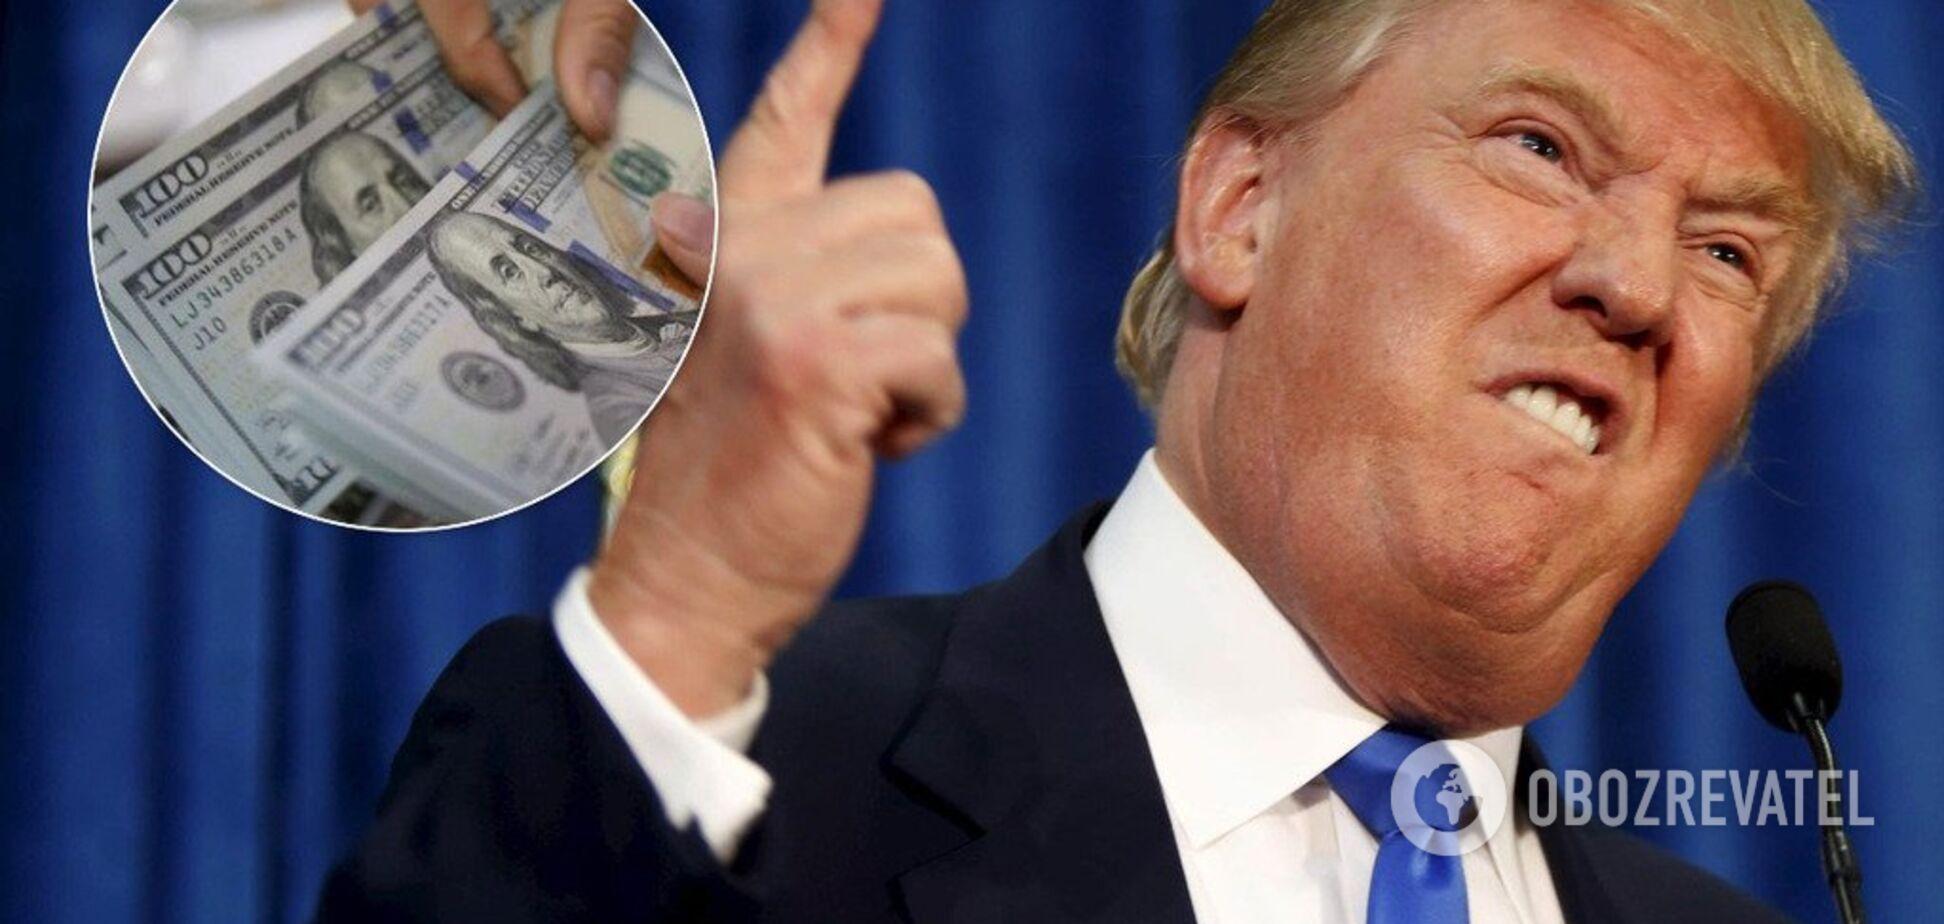 Над США нависла угроза денежного коллапса: Трамп пошел на решительные меры